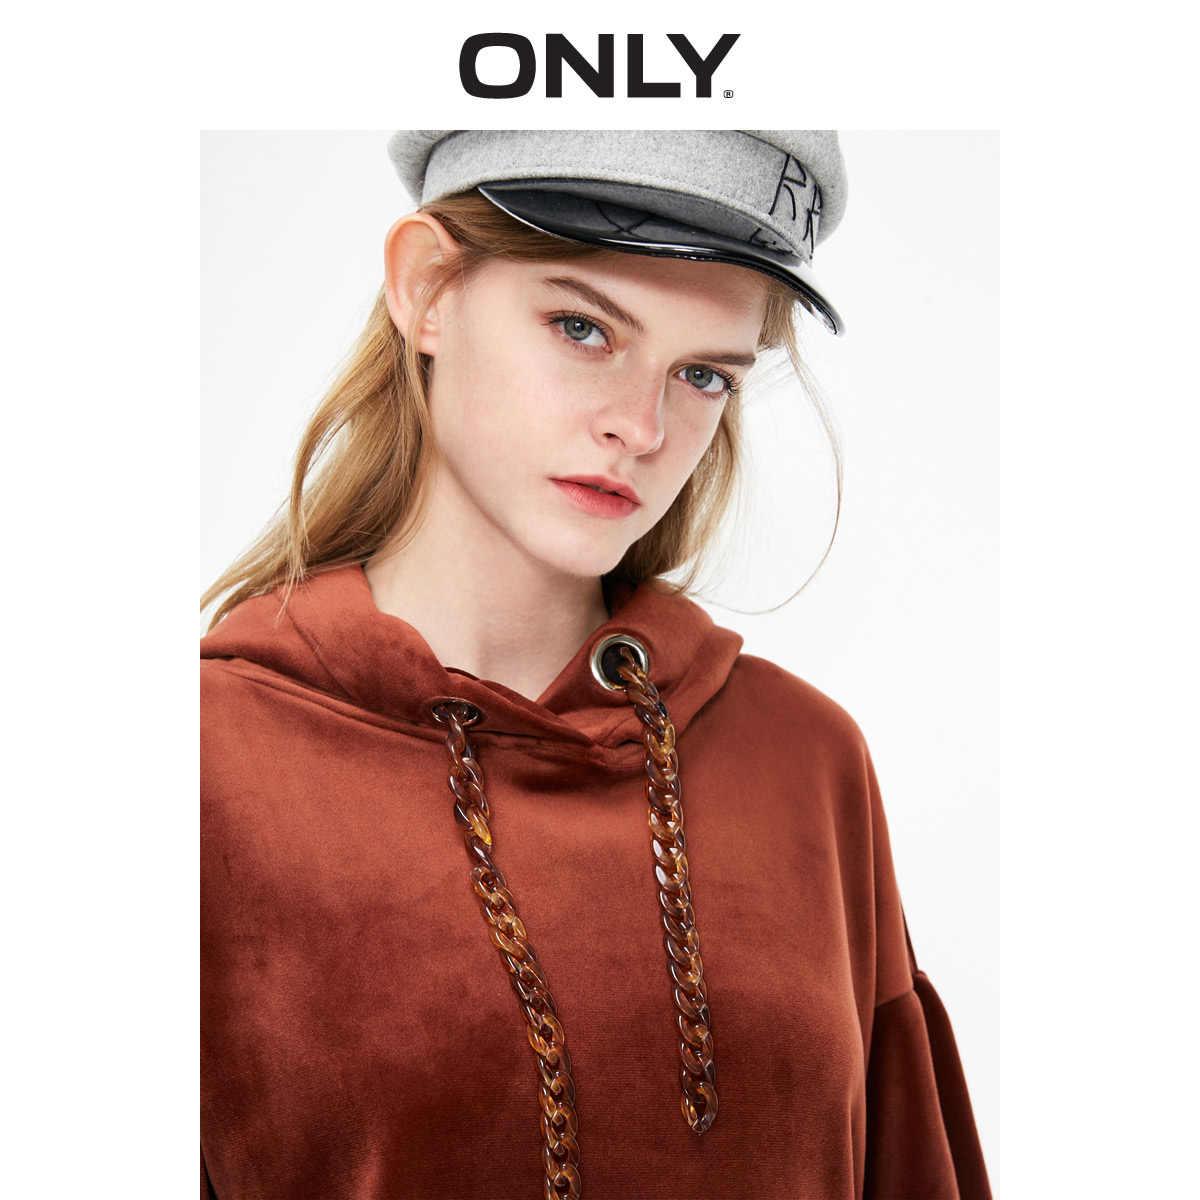 רק נשים של סתיו חדש מוצק צבע רטרו קטיפה loose סלעית עגול צוואר הסווטשרט סווטשירט | 11919S522